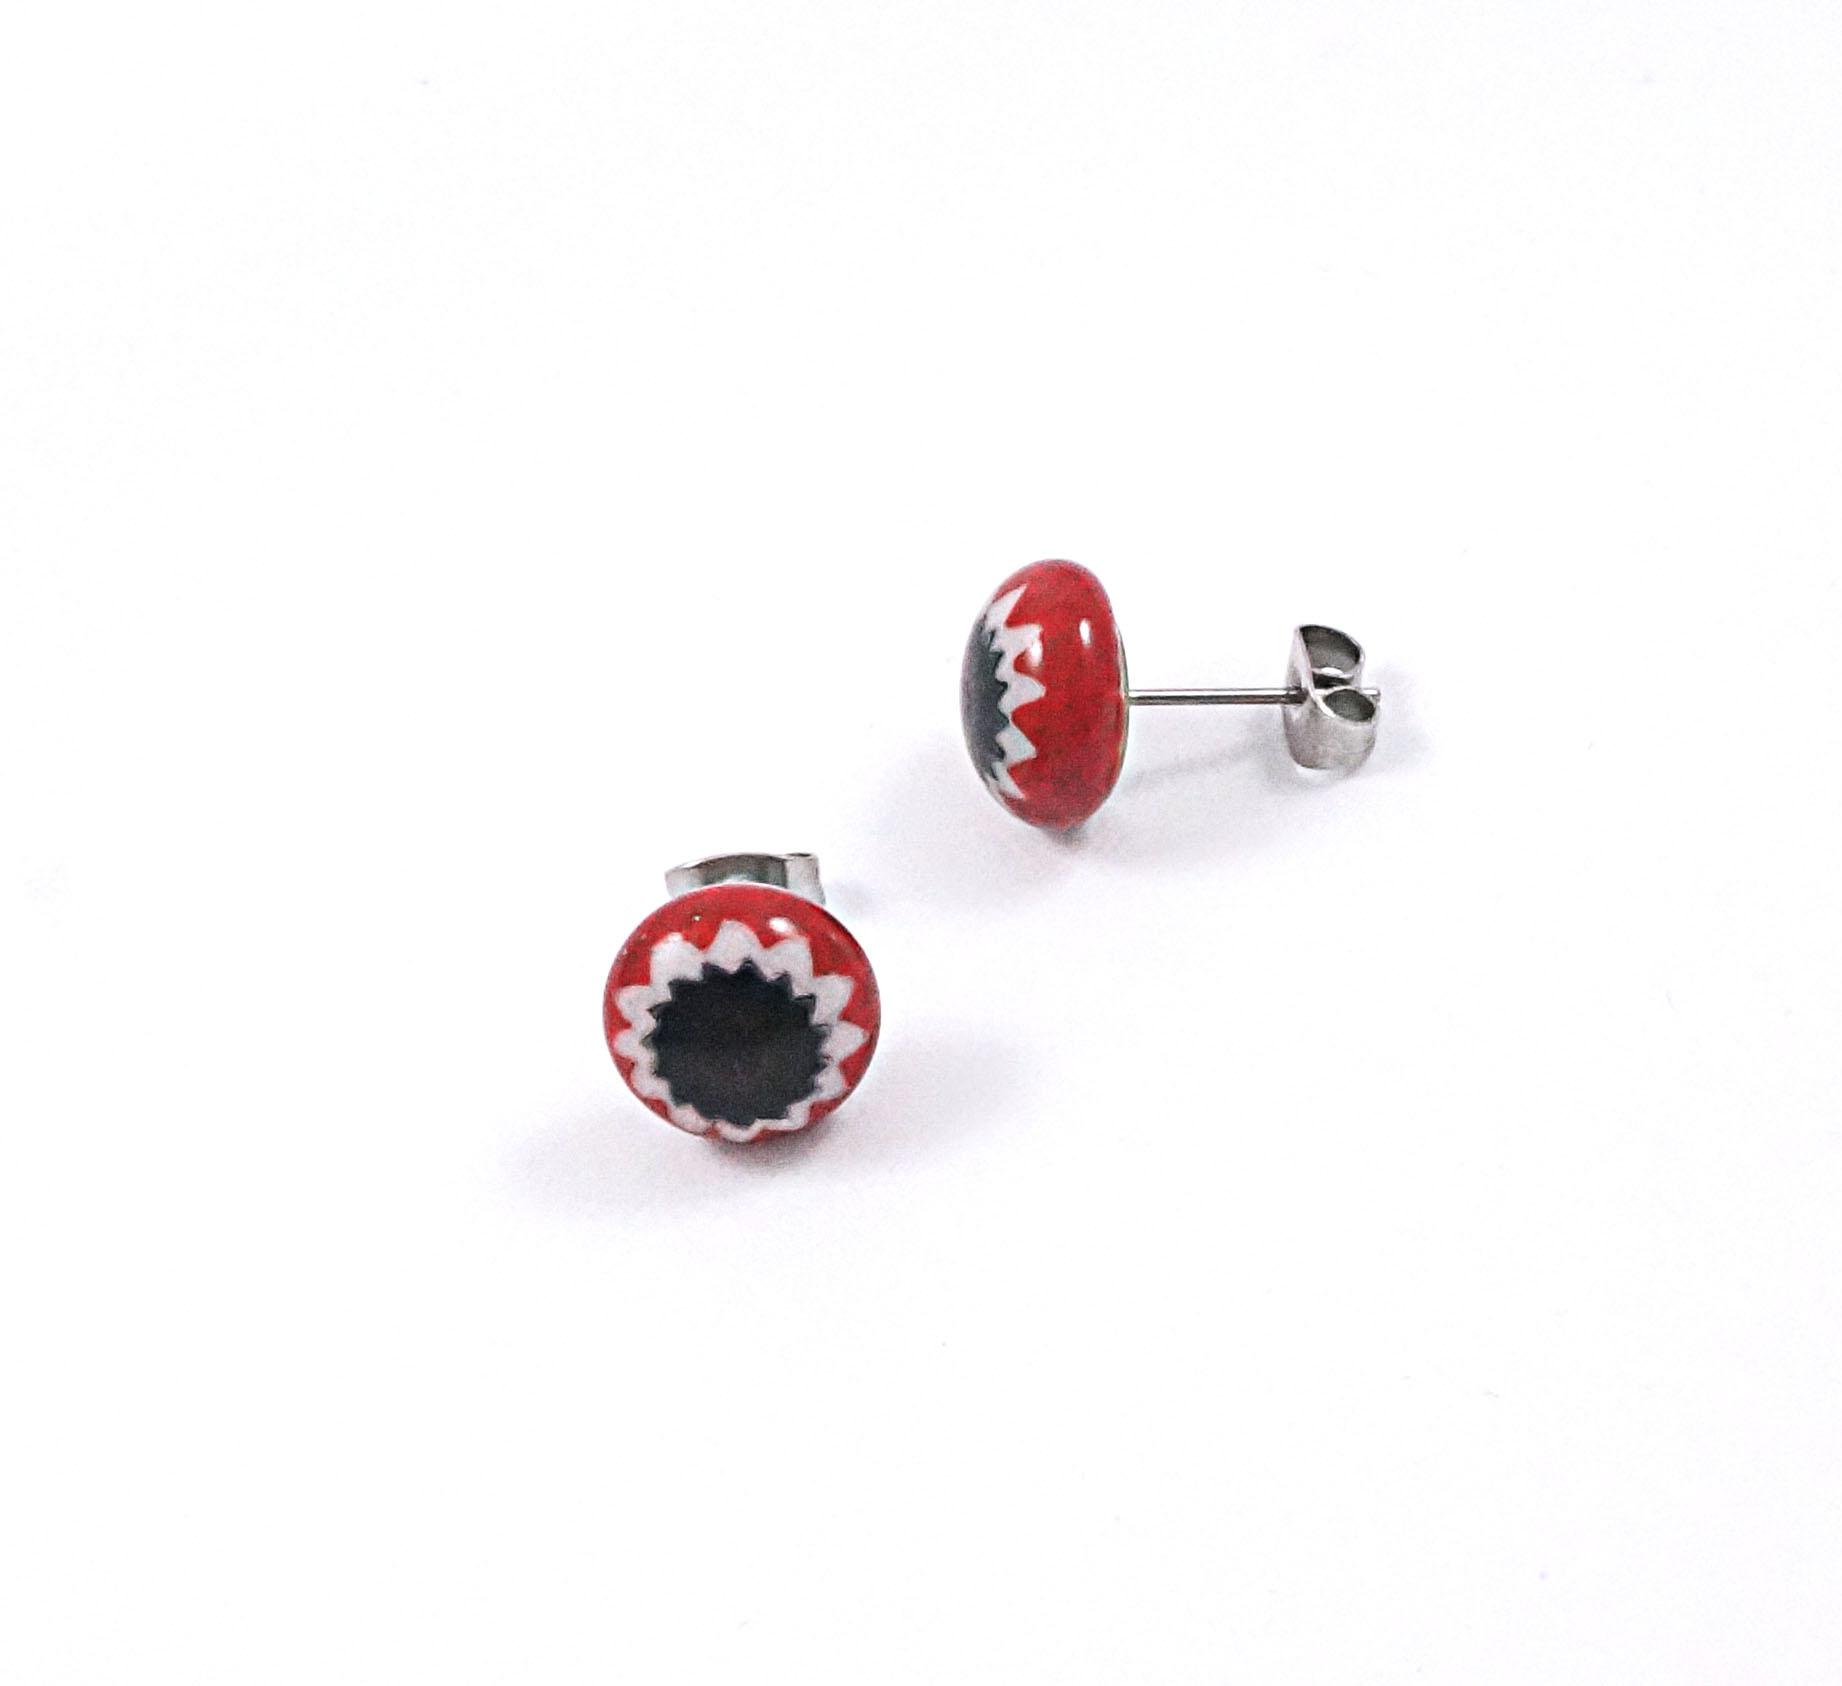 red & black millefiori stud earrings